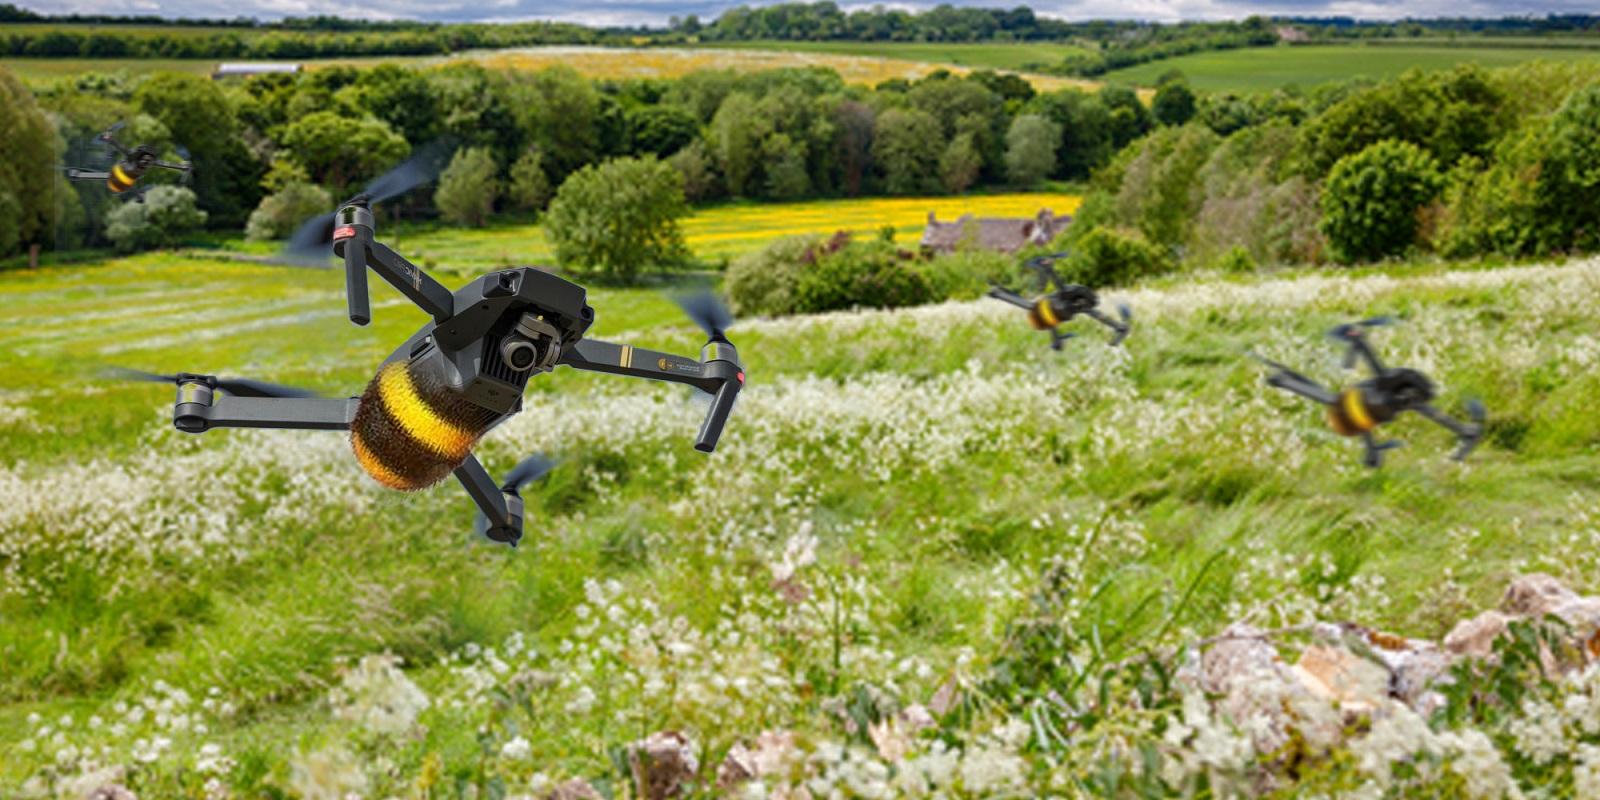 Могут ли дроны научиться у жуков?